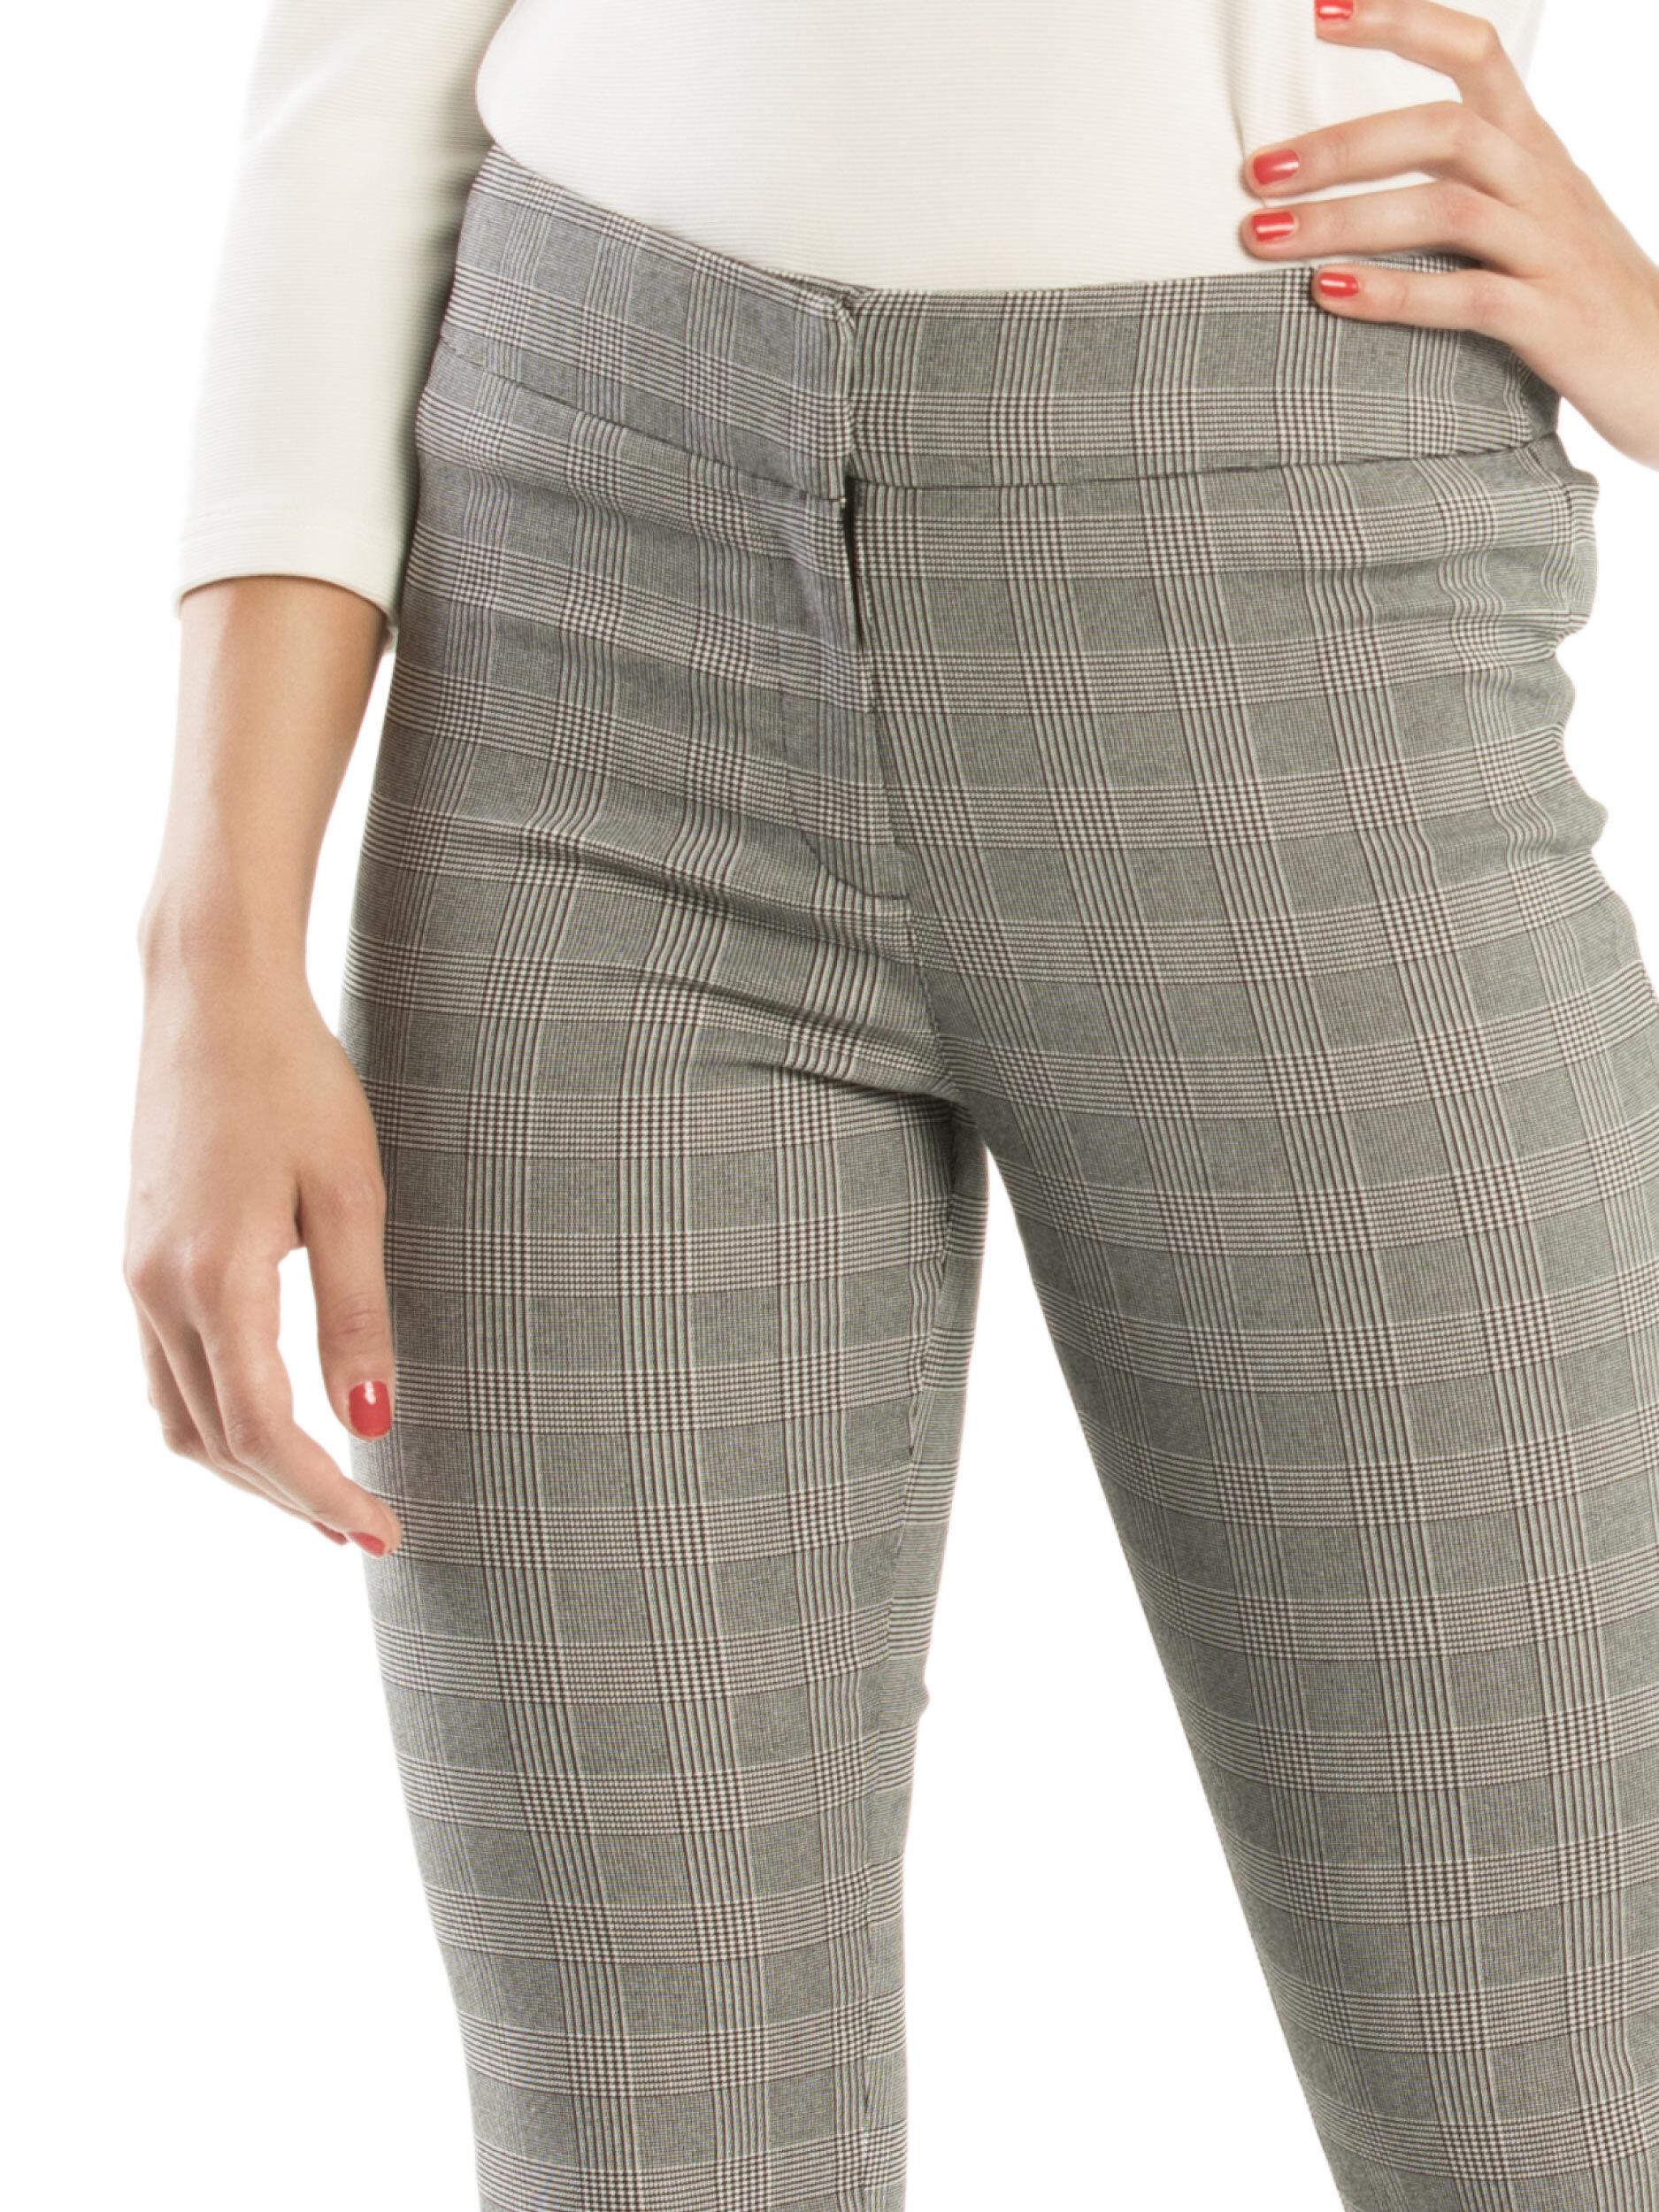 Sia Check Pants